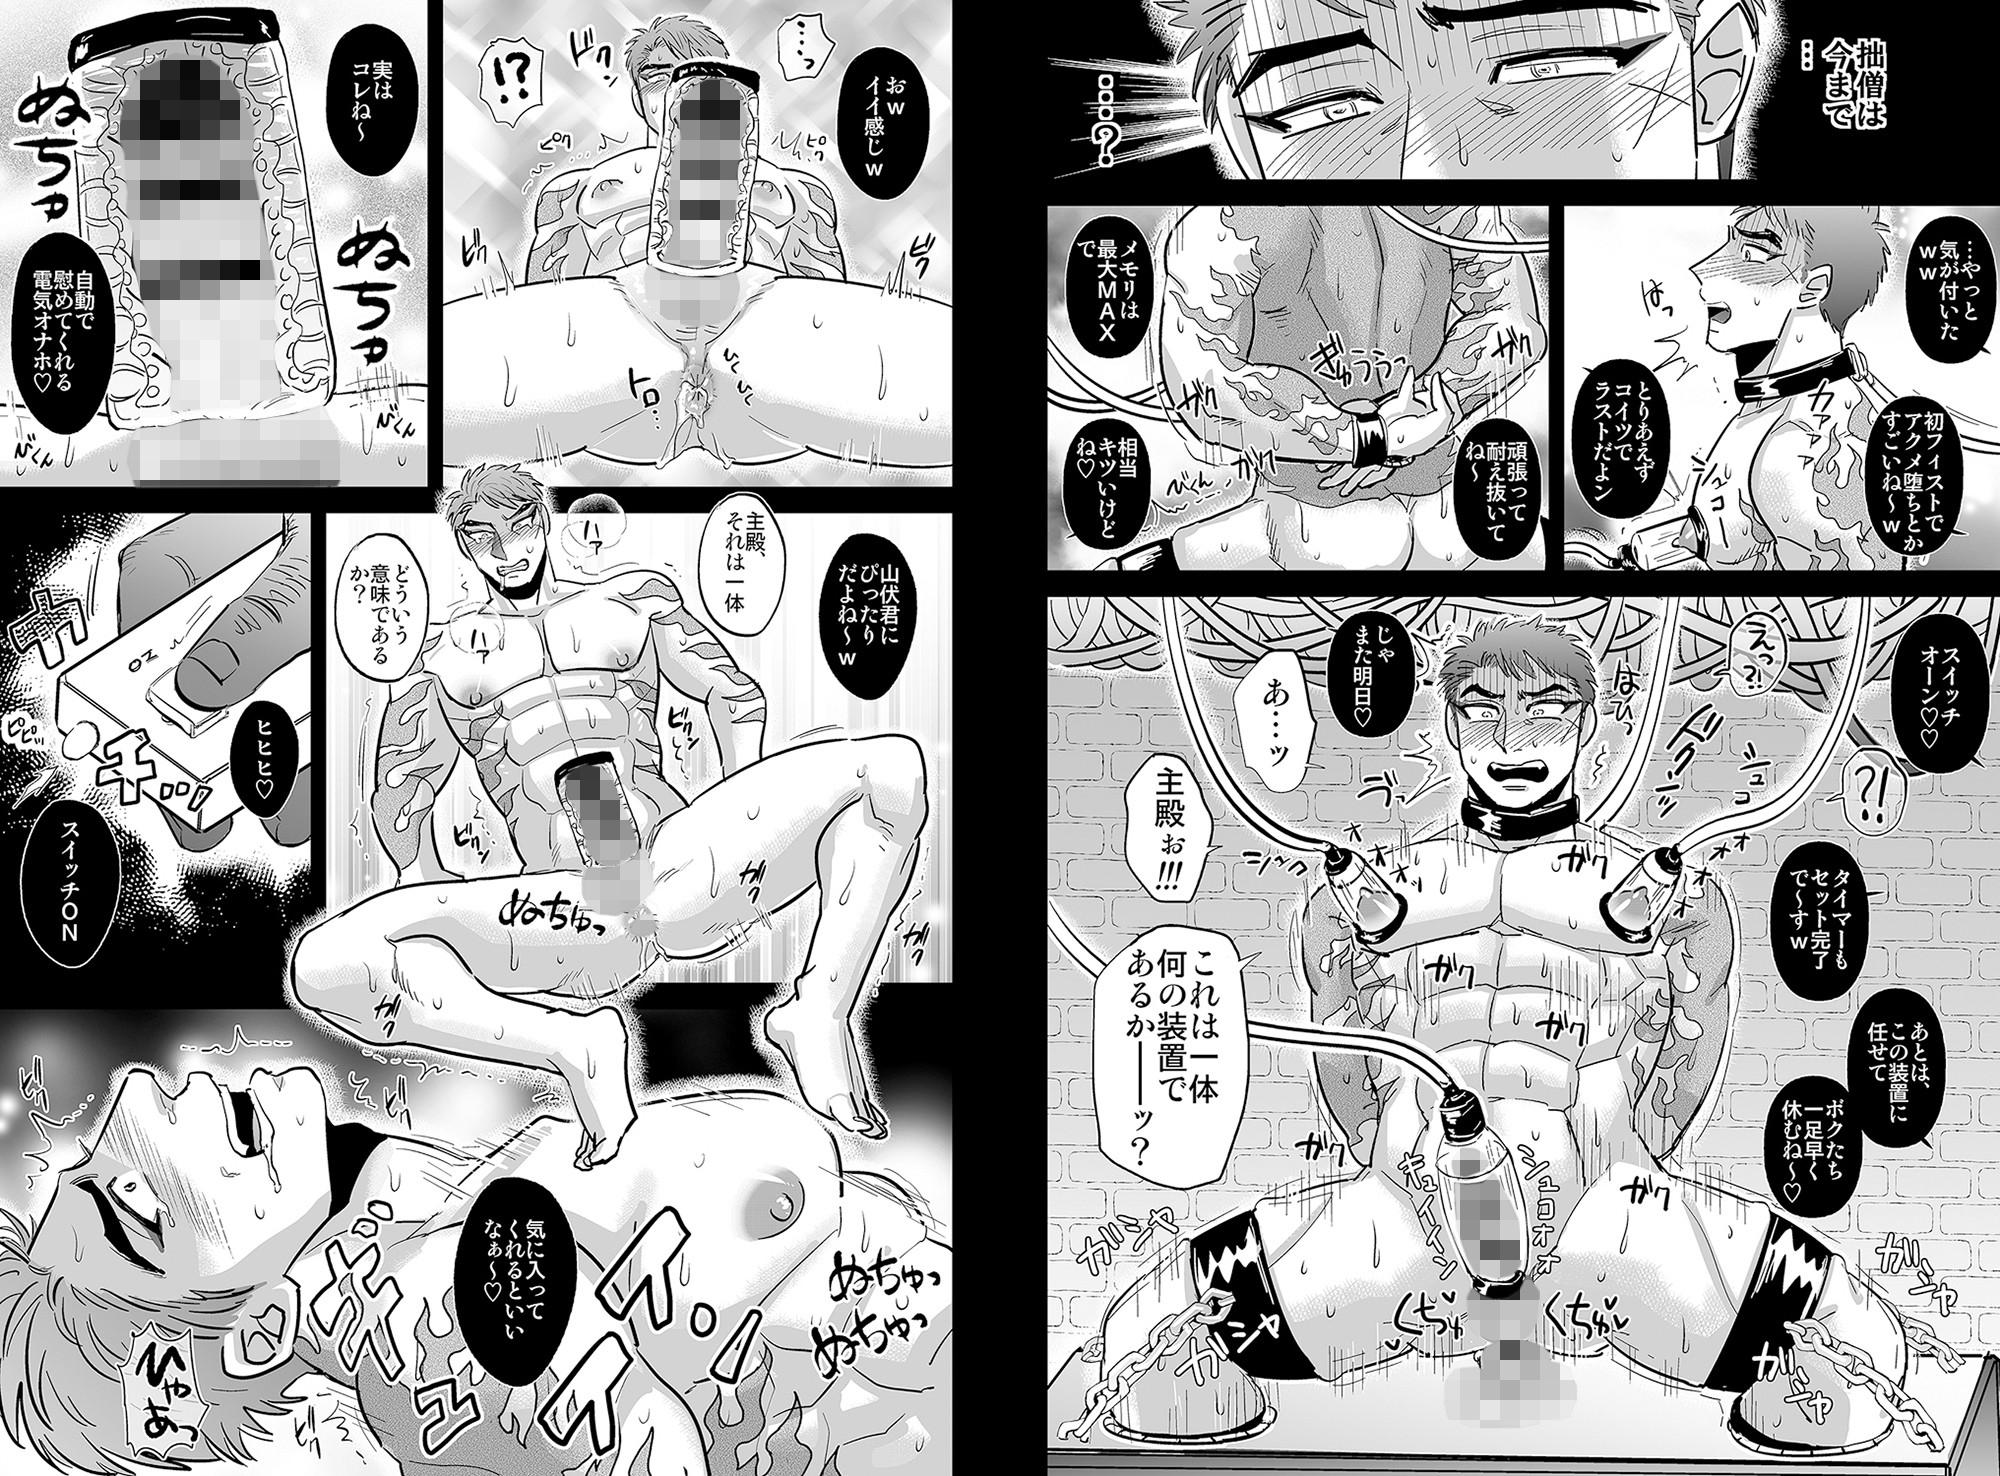 【ソイソース 同人】審神者と肛虐拡張+修験道を極める山伏国広